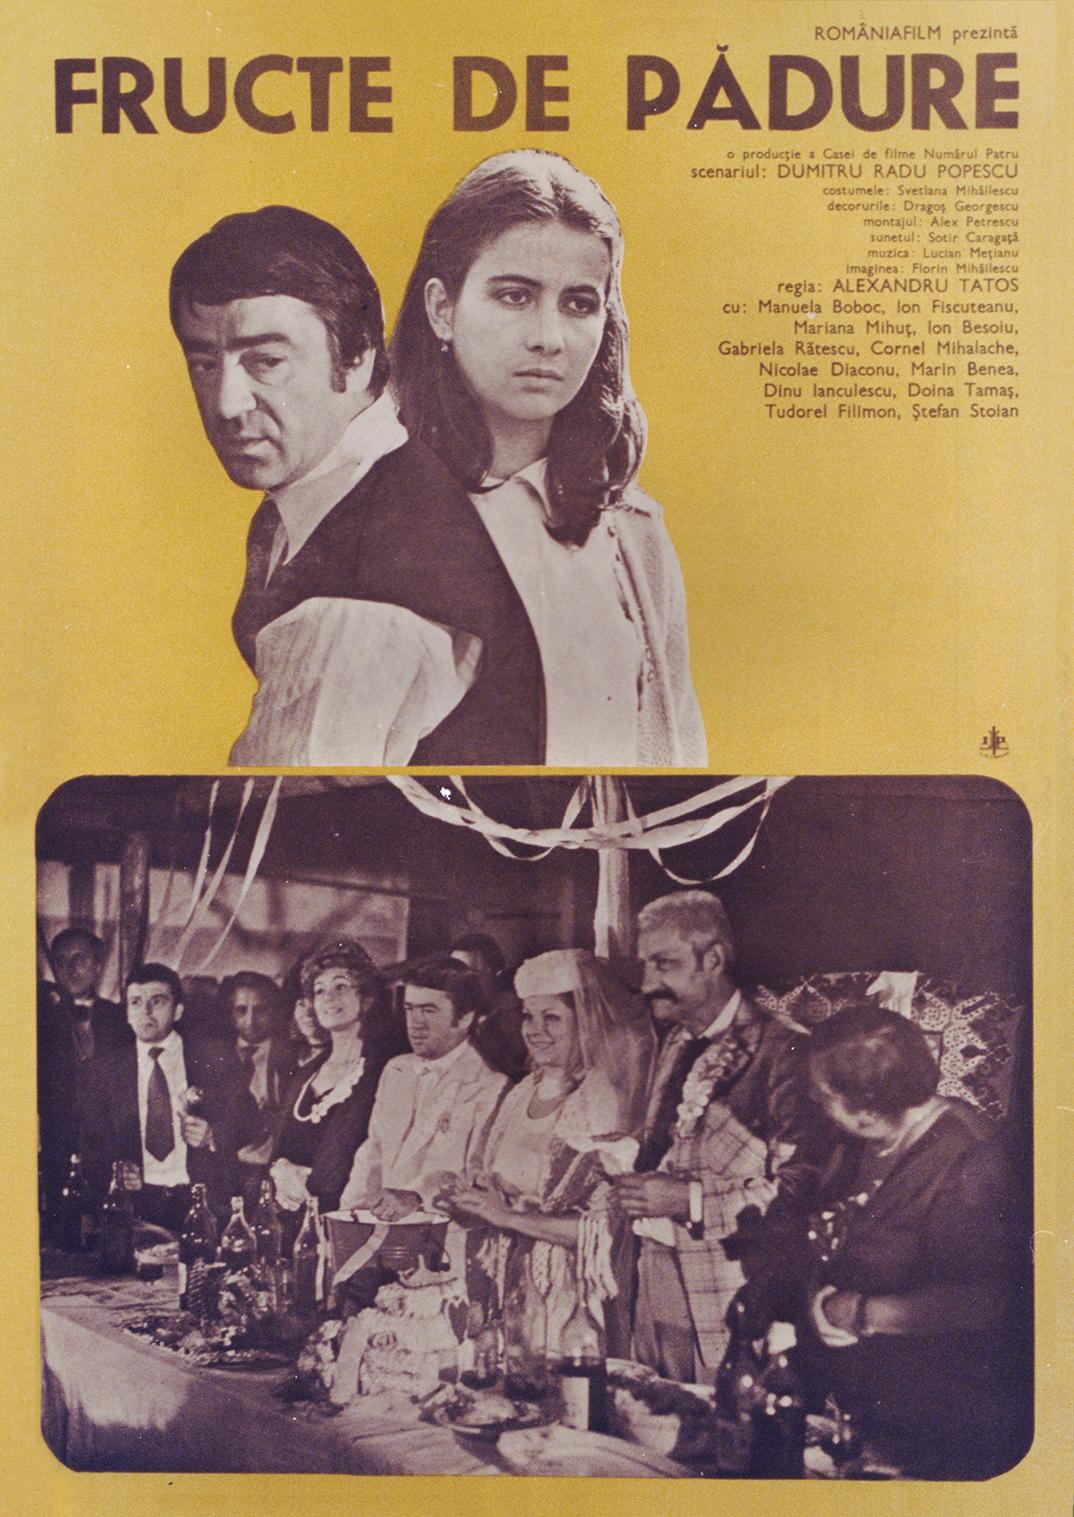 Fructe de padure (1983)